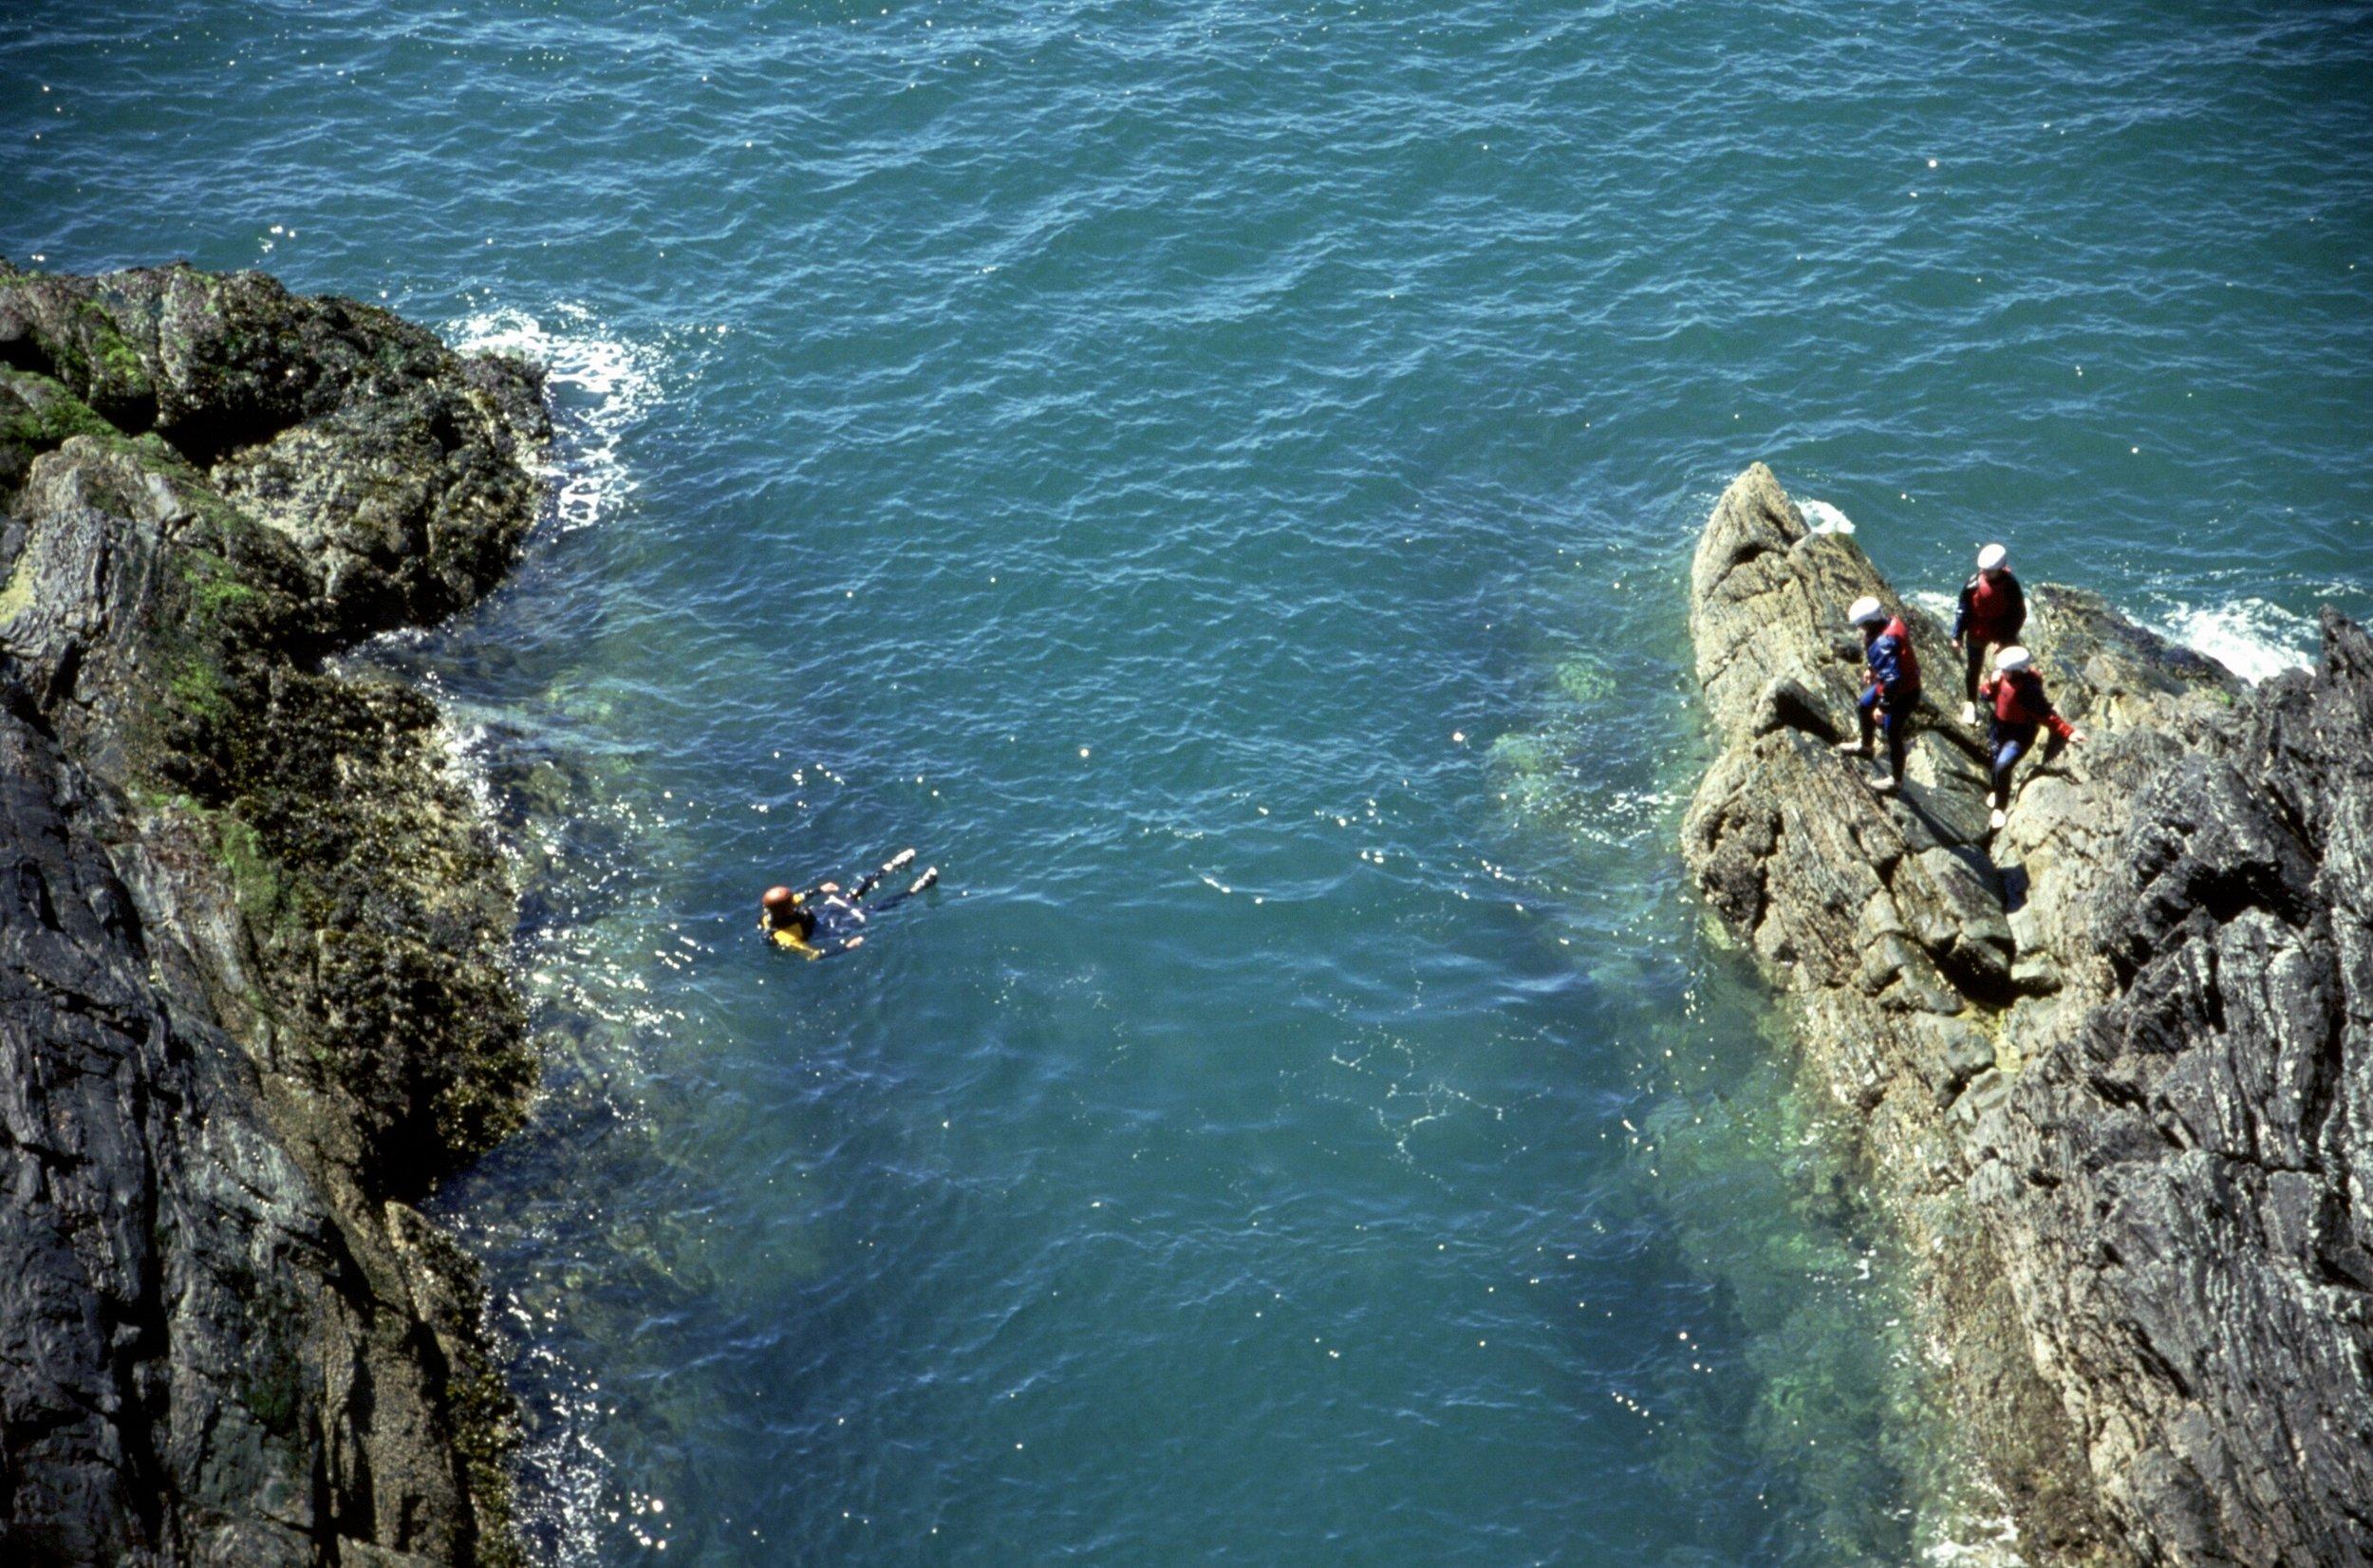 coasteeringlarge.JPG